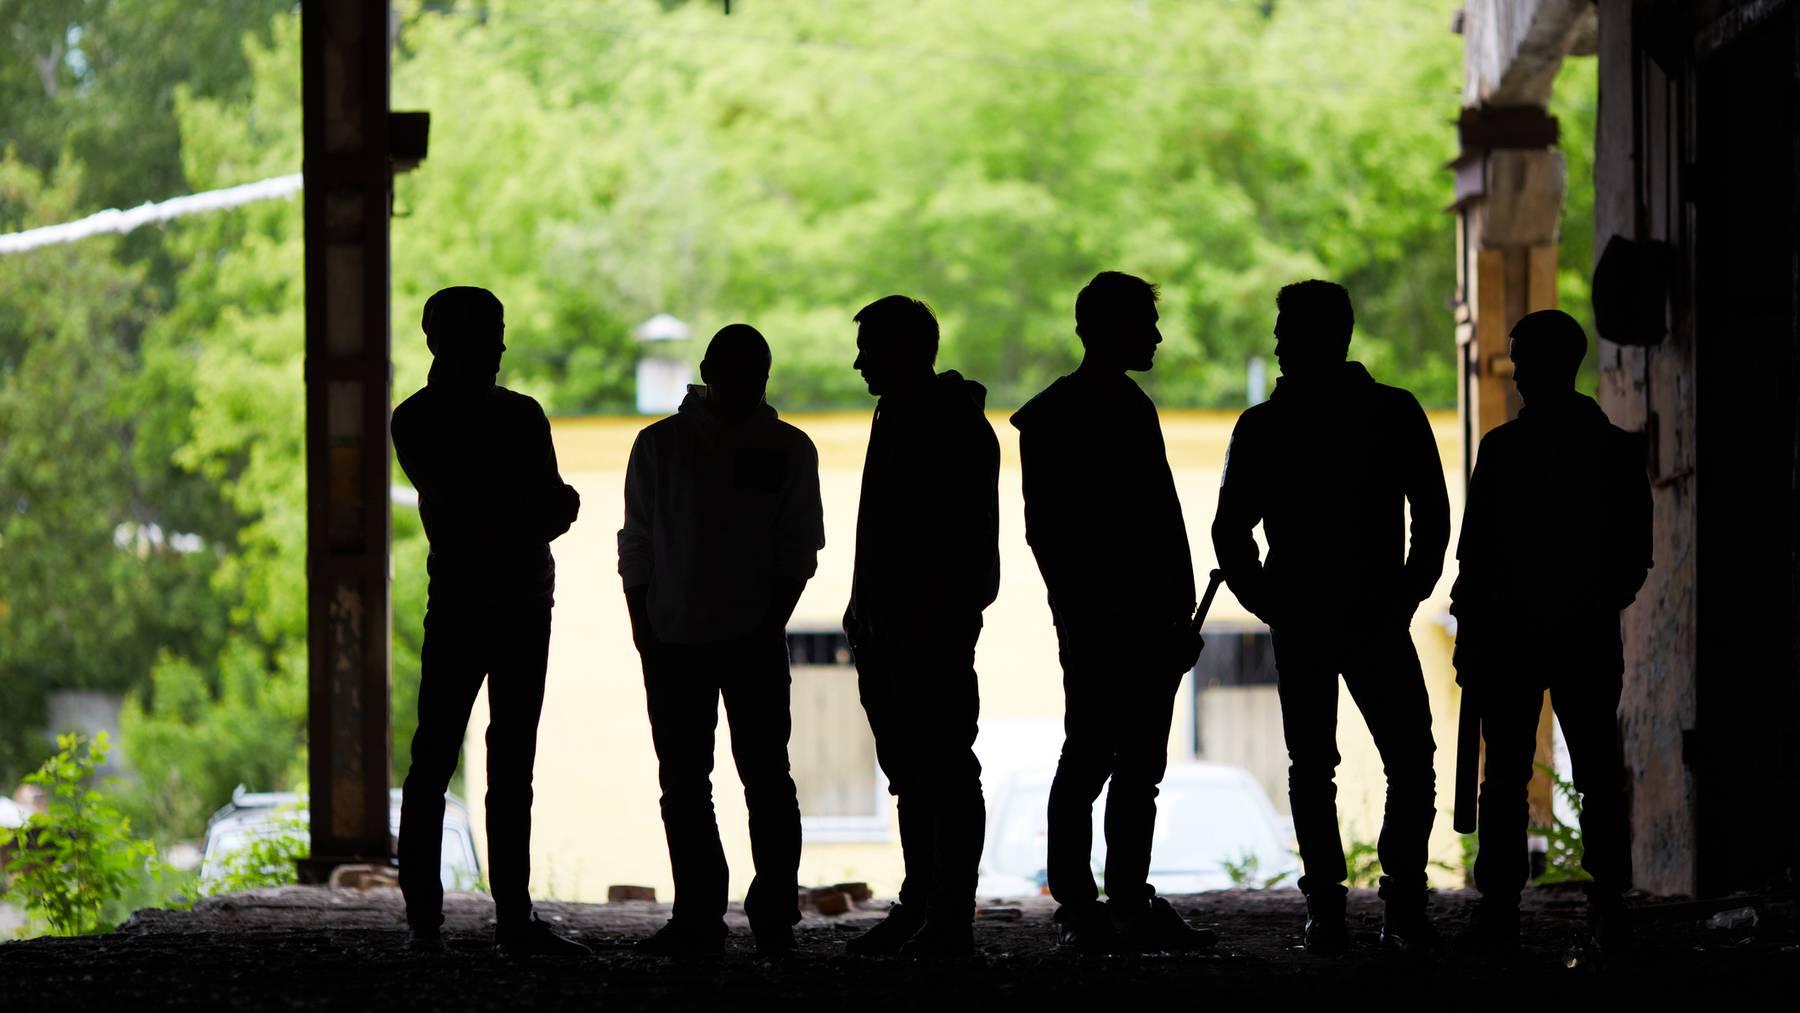 Während jüngere Jugendliche eher als Einzeltäter agieren, sind ältere Jugendliche eher als Gruppe unterwegs.